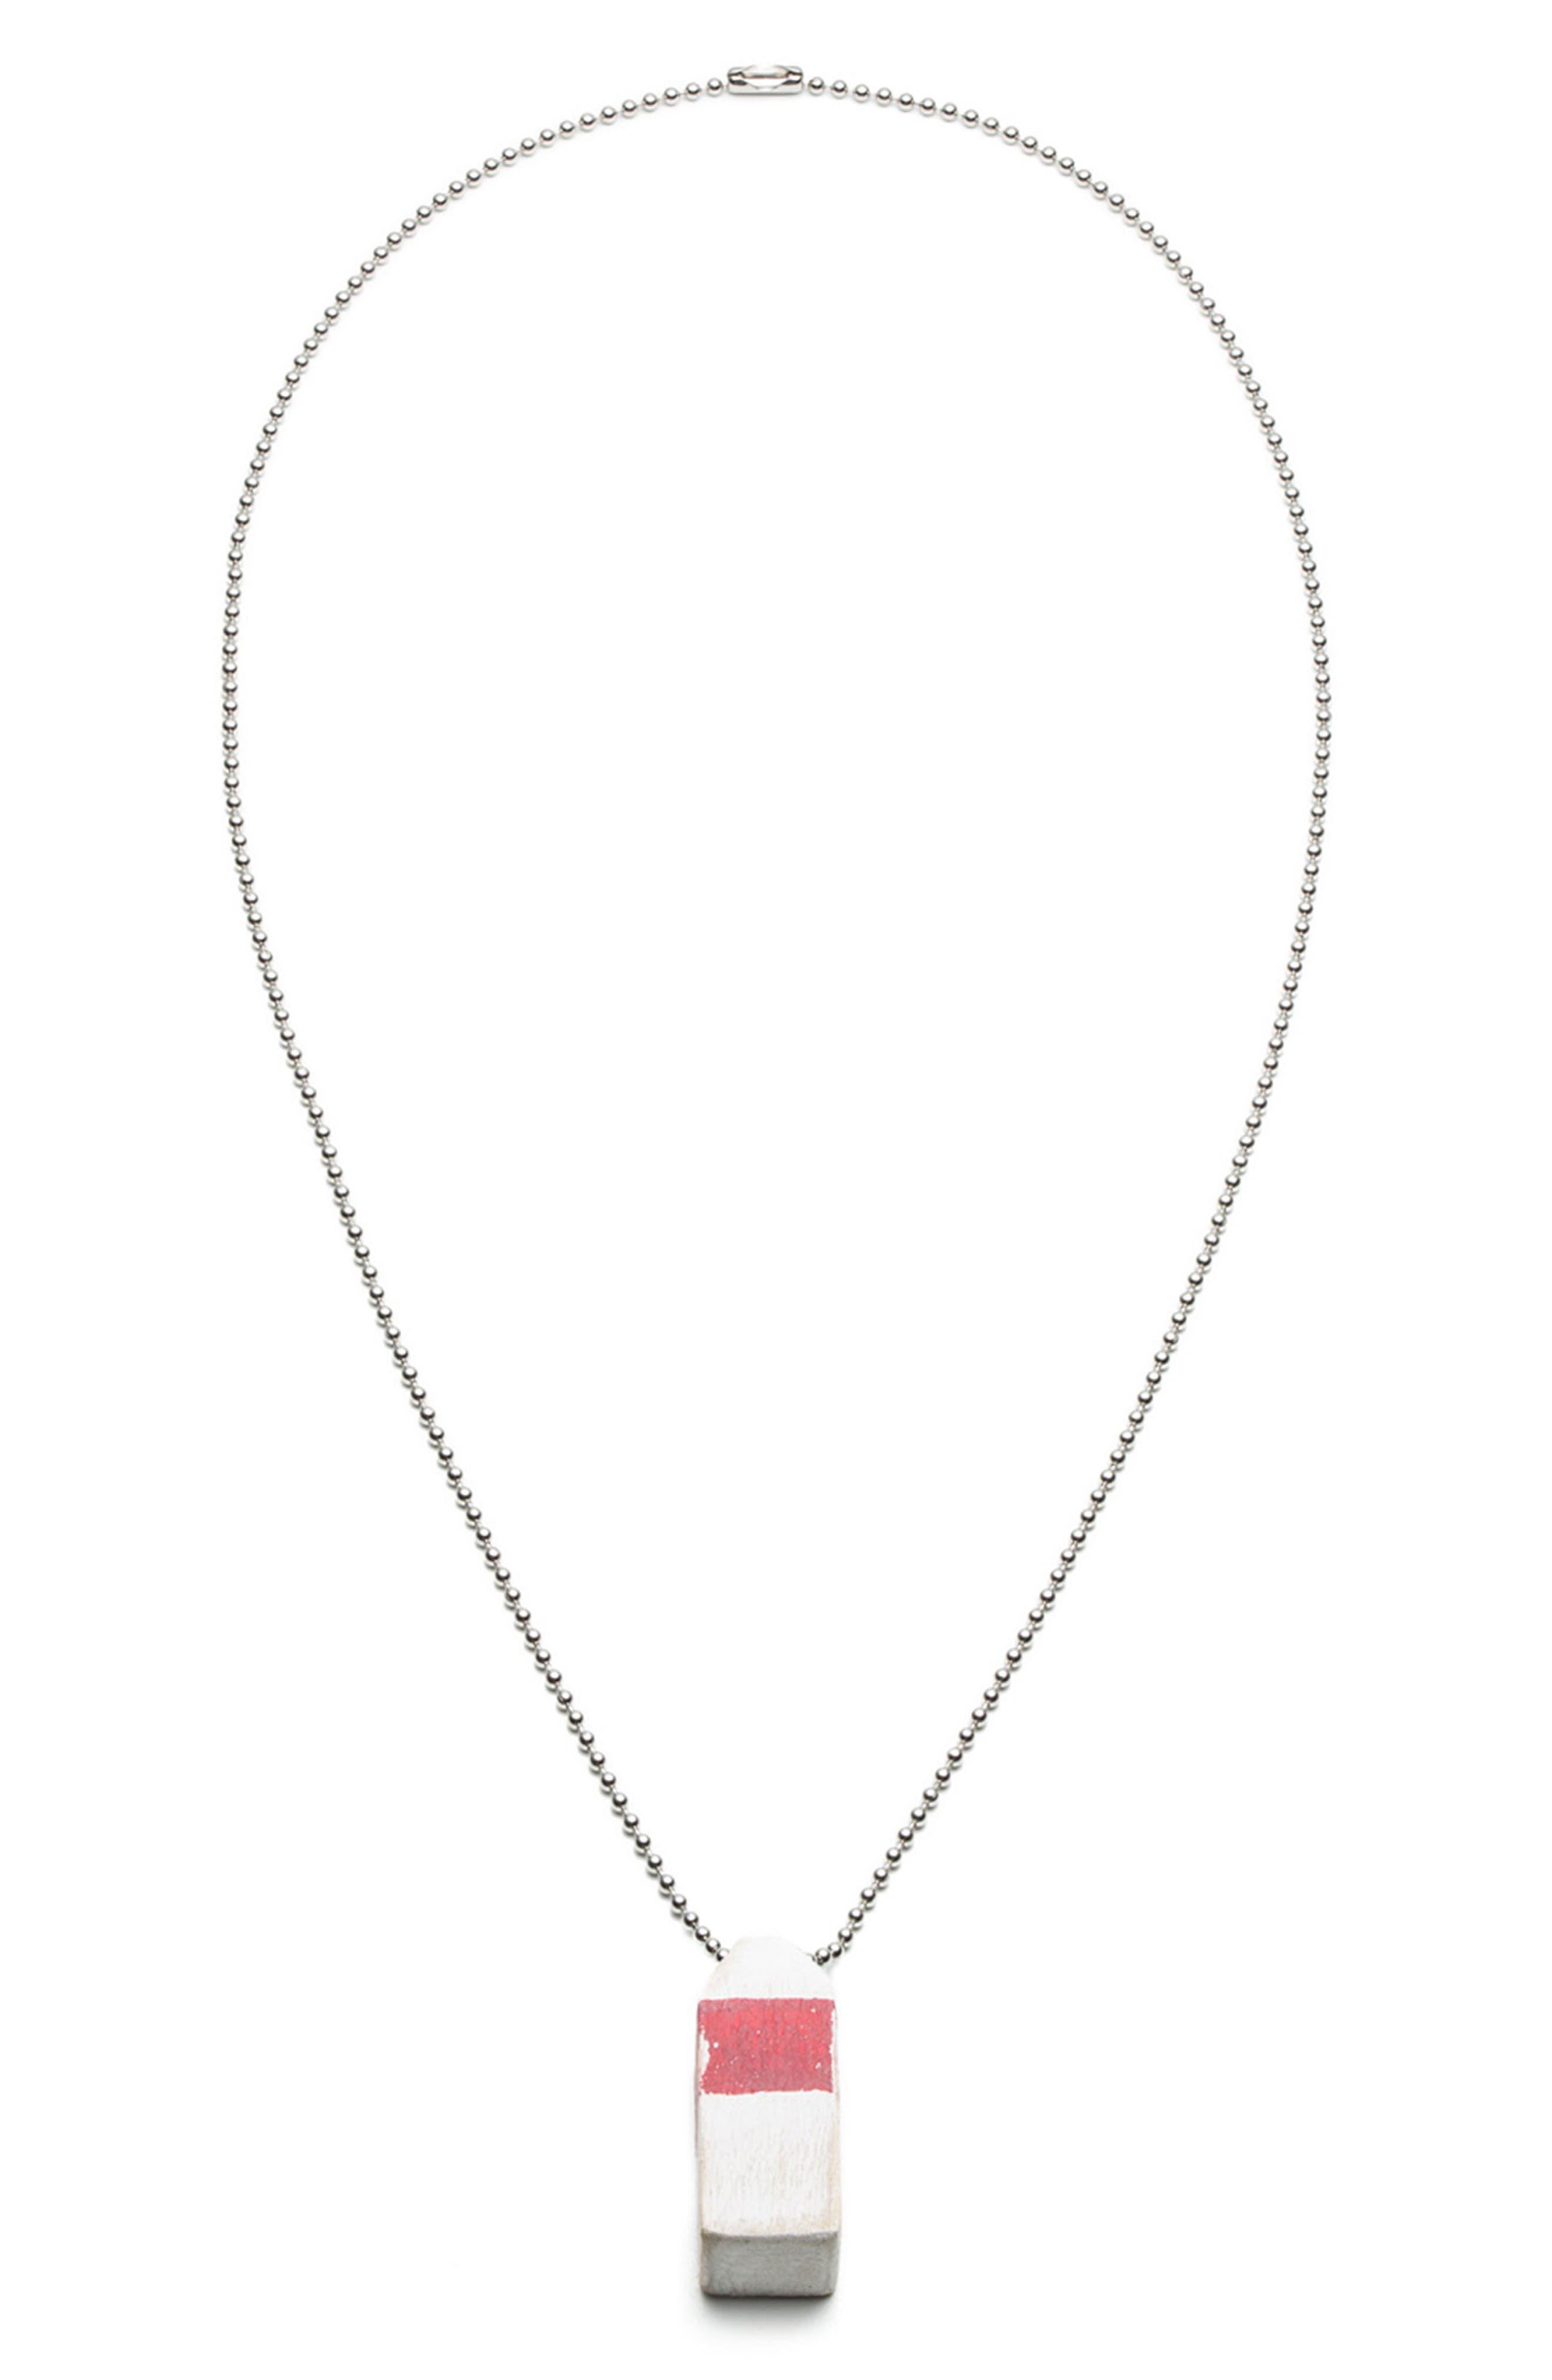 Buoy Pendant Necklace,                             Main thumbnail 2, color,